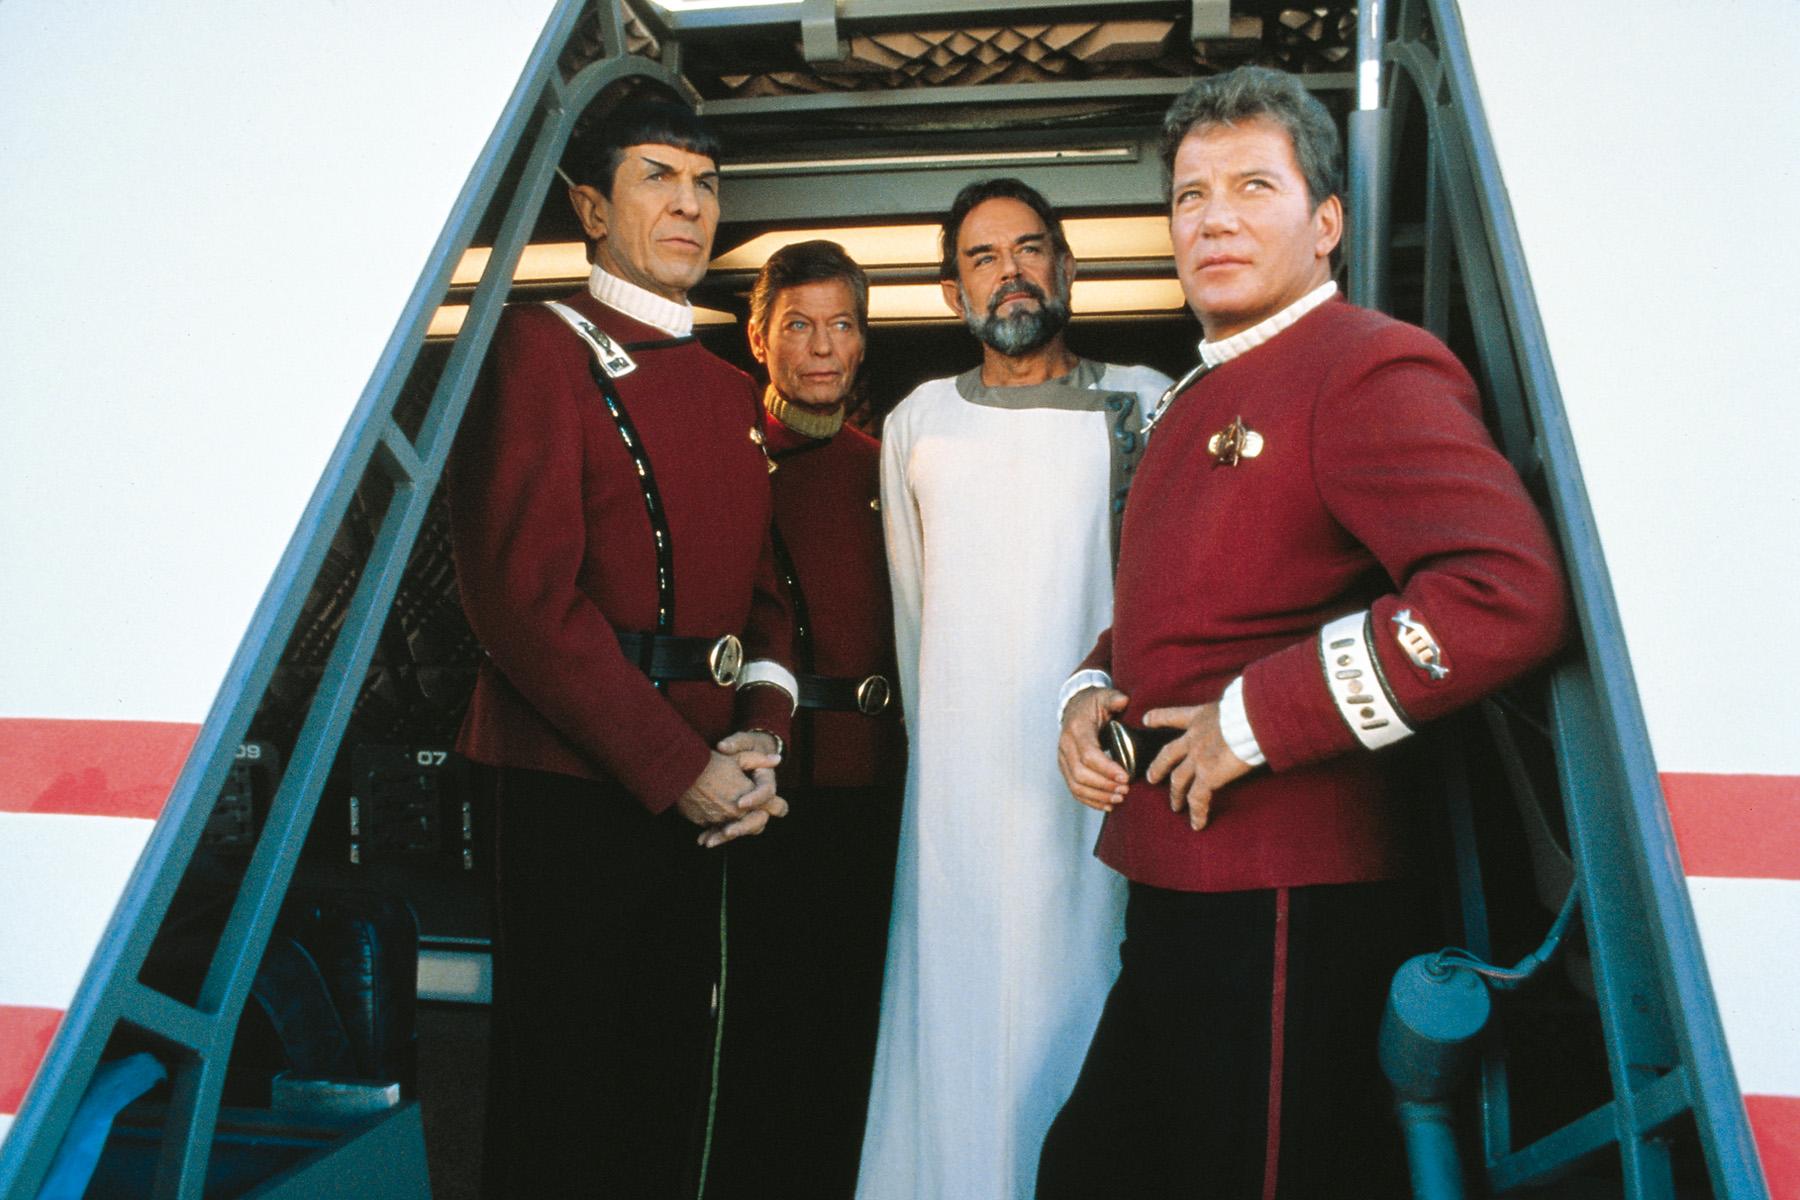 """Leonard Nimoy als Mr. Spock, DeForest Kelley als """"Pille"""" McCoy, Laurence Luckinbill als Sybok und William Shatner als James T. Kirk stehen in einem offenen Raumschiffportal und blicken in den Himmel in """"Star Trek V - Am Rande des Universums""""."""